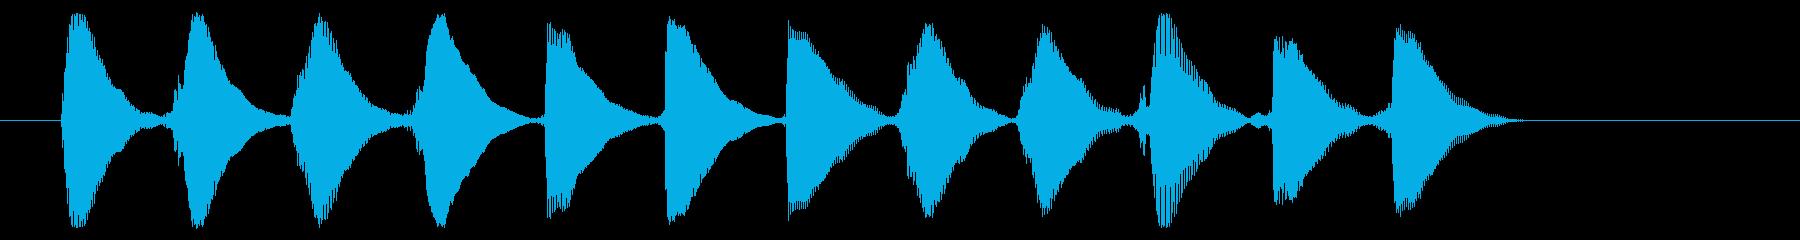 8ビット風システム音-16-4_dryの再生済みの波形